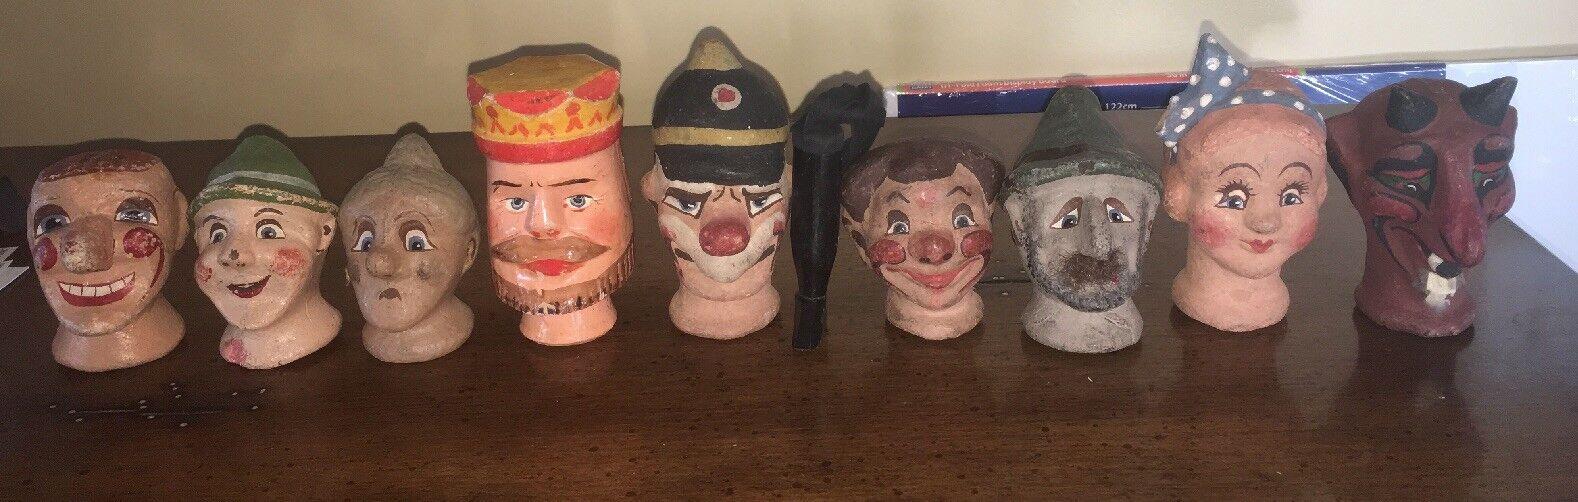 9 cabezas de marioneta de de de Madera Vintage Punch y Judy Lote 12 un. total y Playbill  de moda